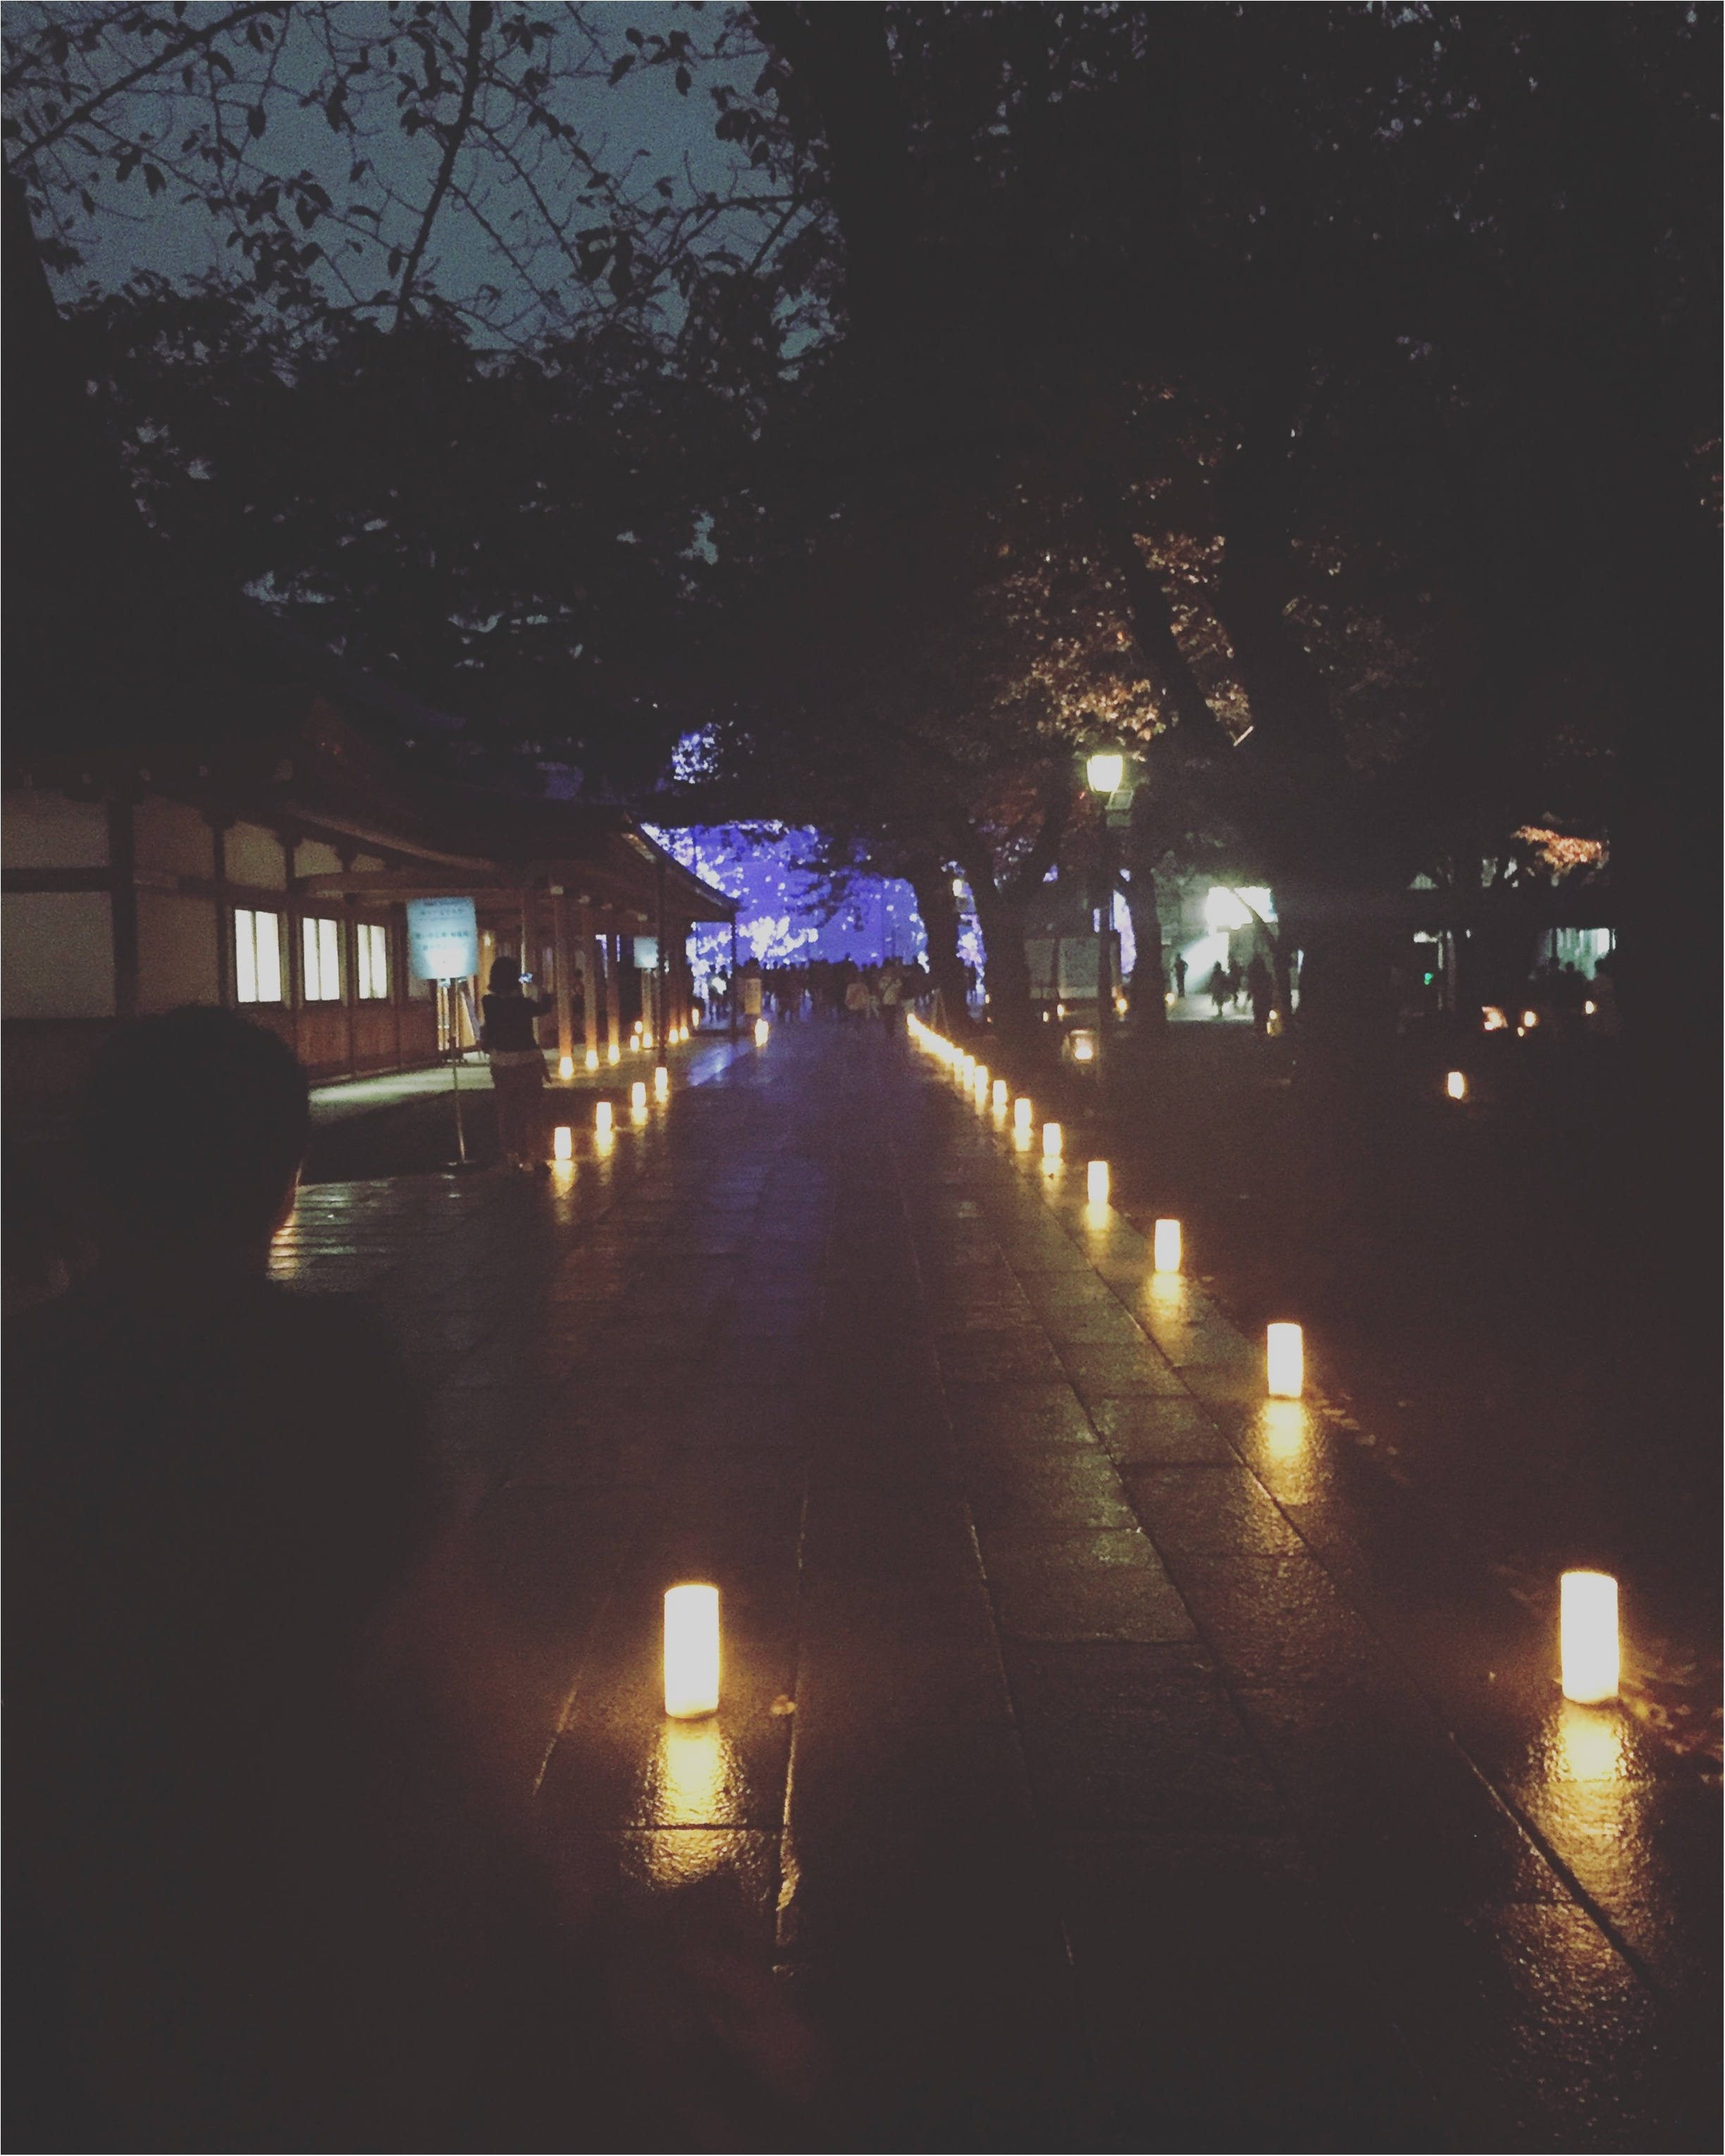 【靖国神社ライトアップ】秋の夜長参拝イベント「みらいとてらす〜秋を彩る九段の光」が幻想的✨プロジェクションマッピングも!≪samenyan≫_6